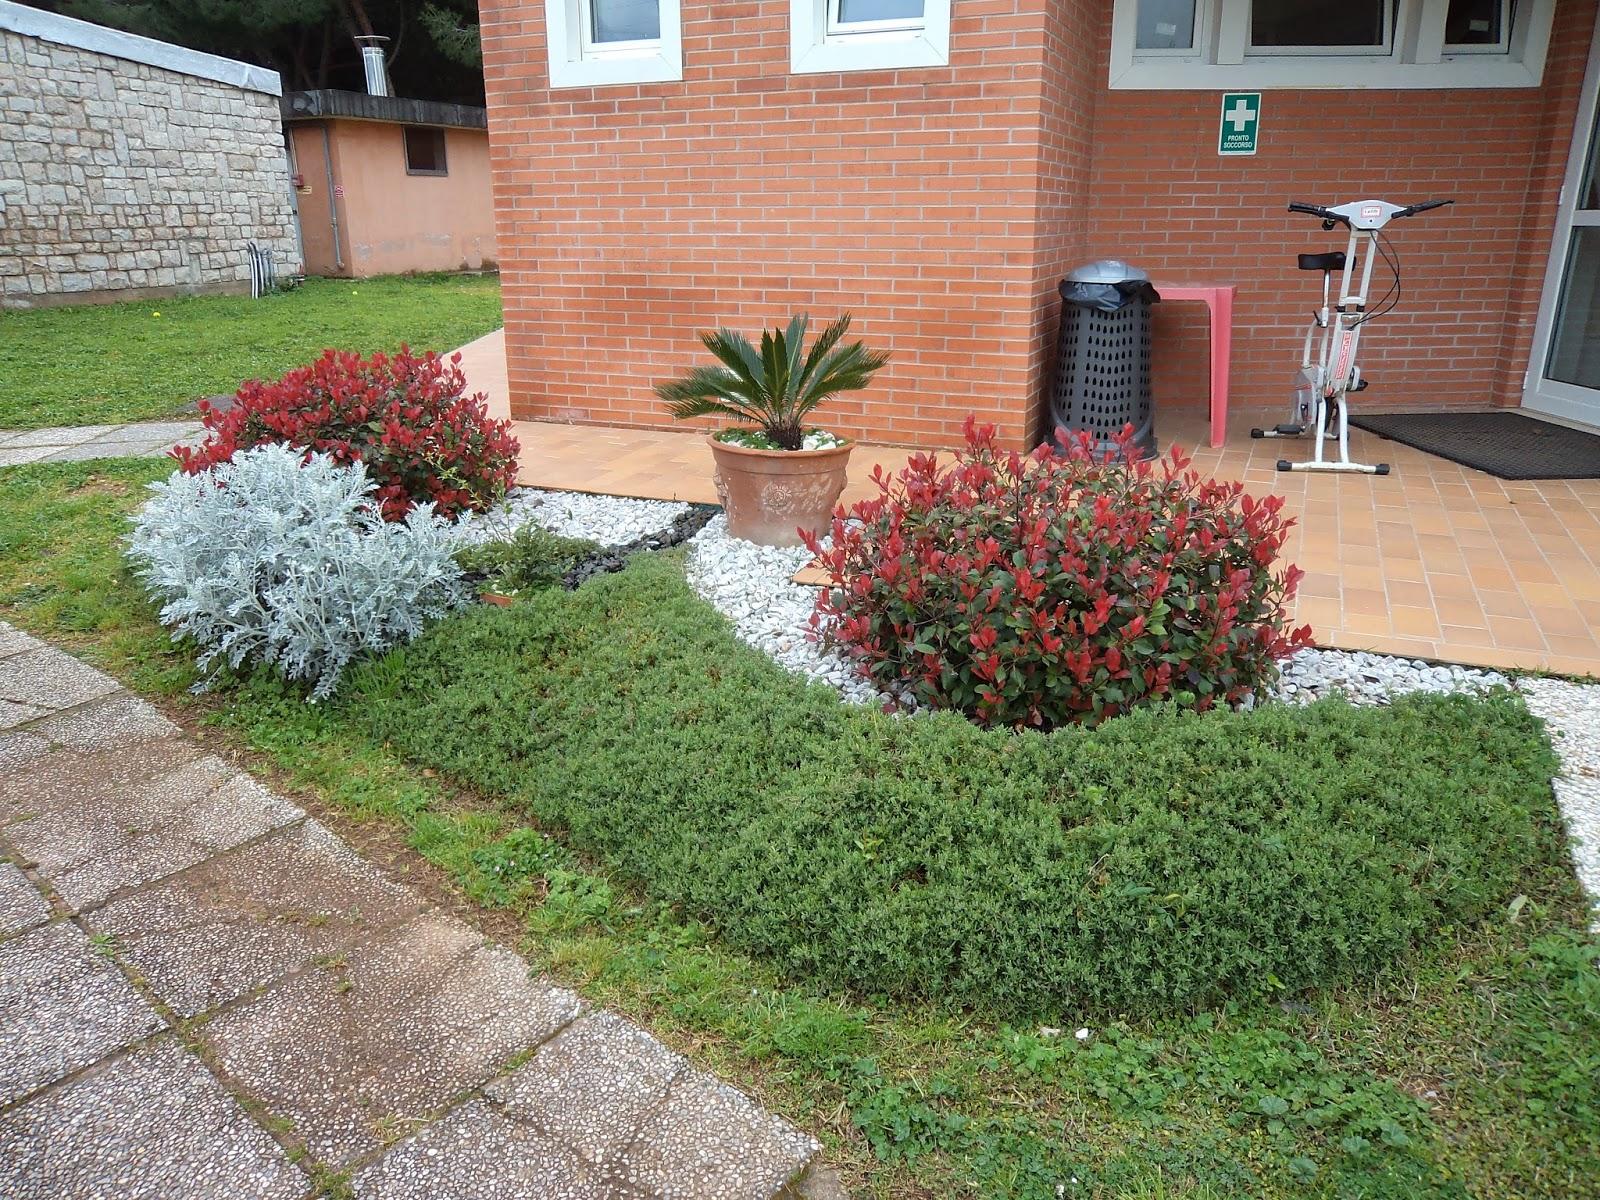 I giardini di carlo e letizia bordura di piante colorate for Piante e giardini